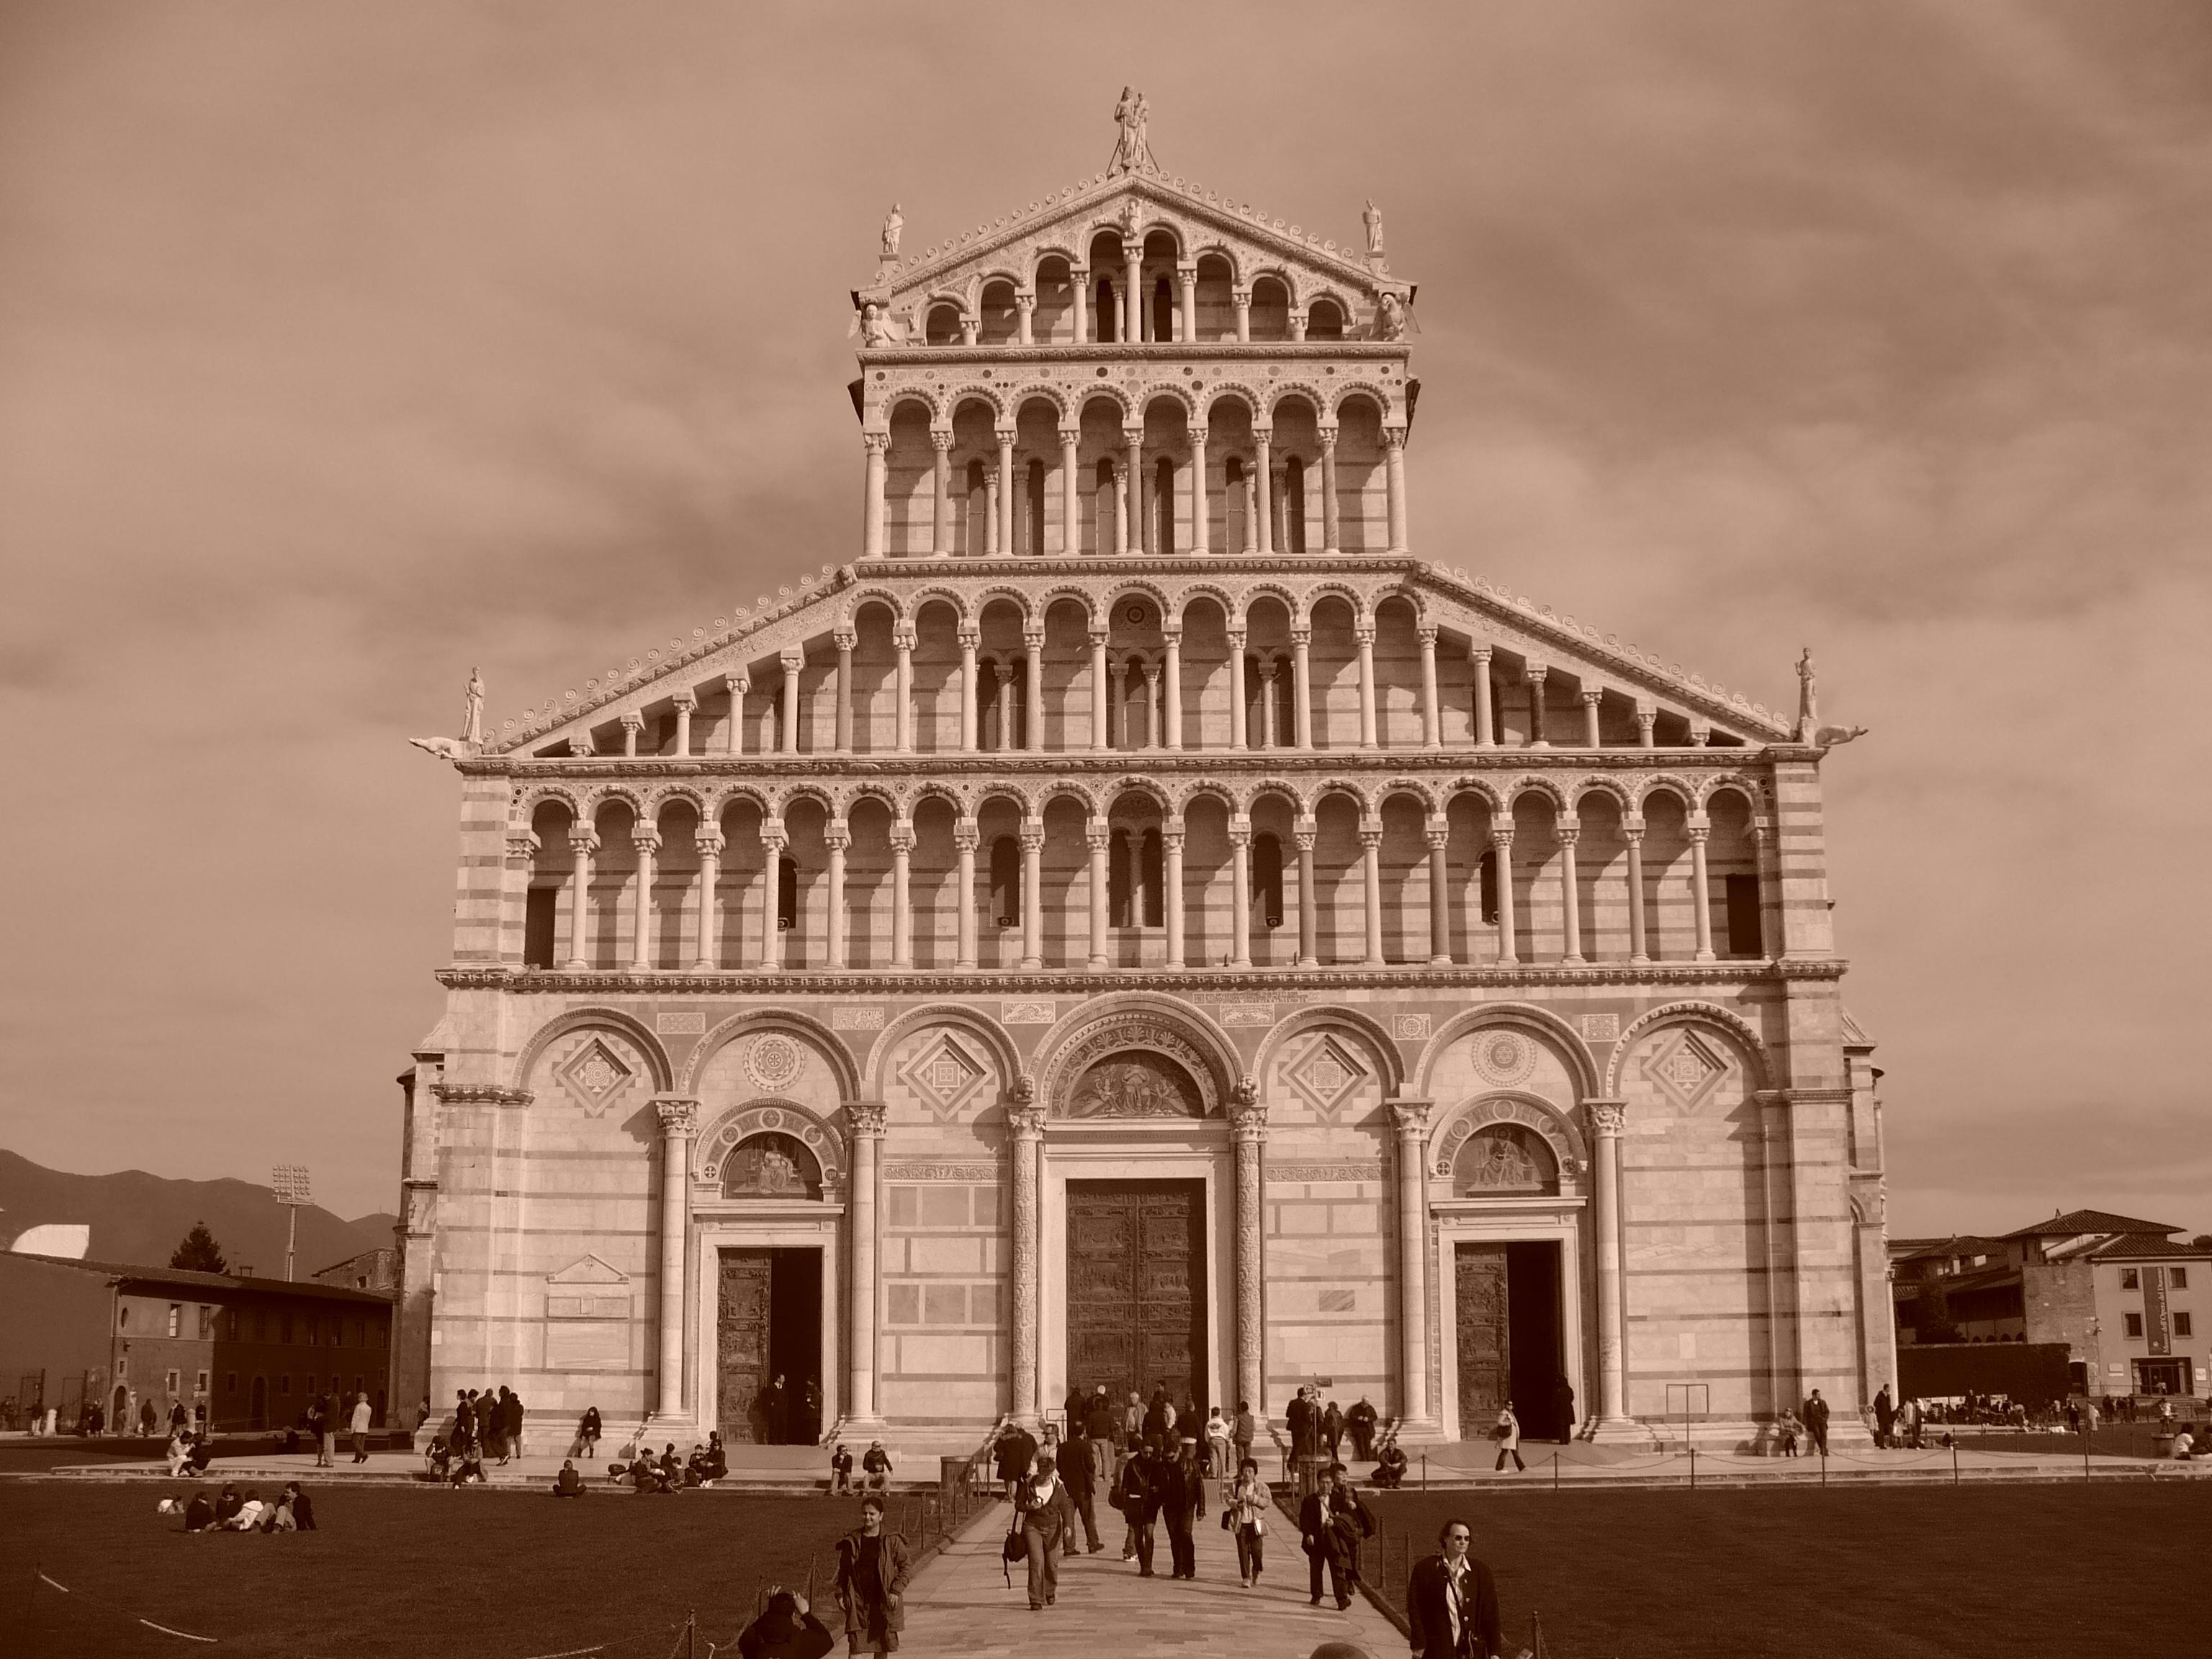 INCONTRI PER I 950 ANNI DALLA FONDAZIONE DELLA CATTEDRALE DI PISA